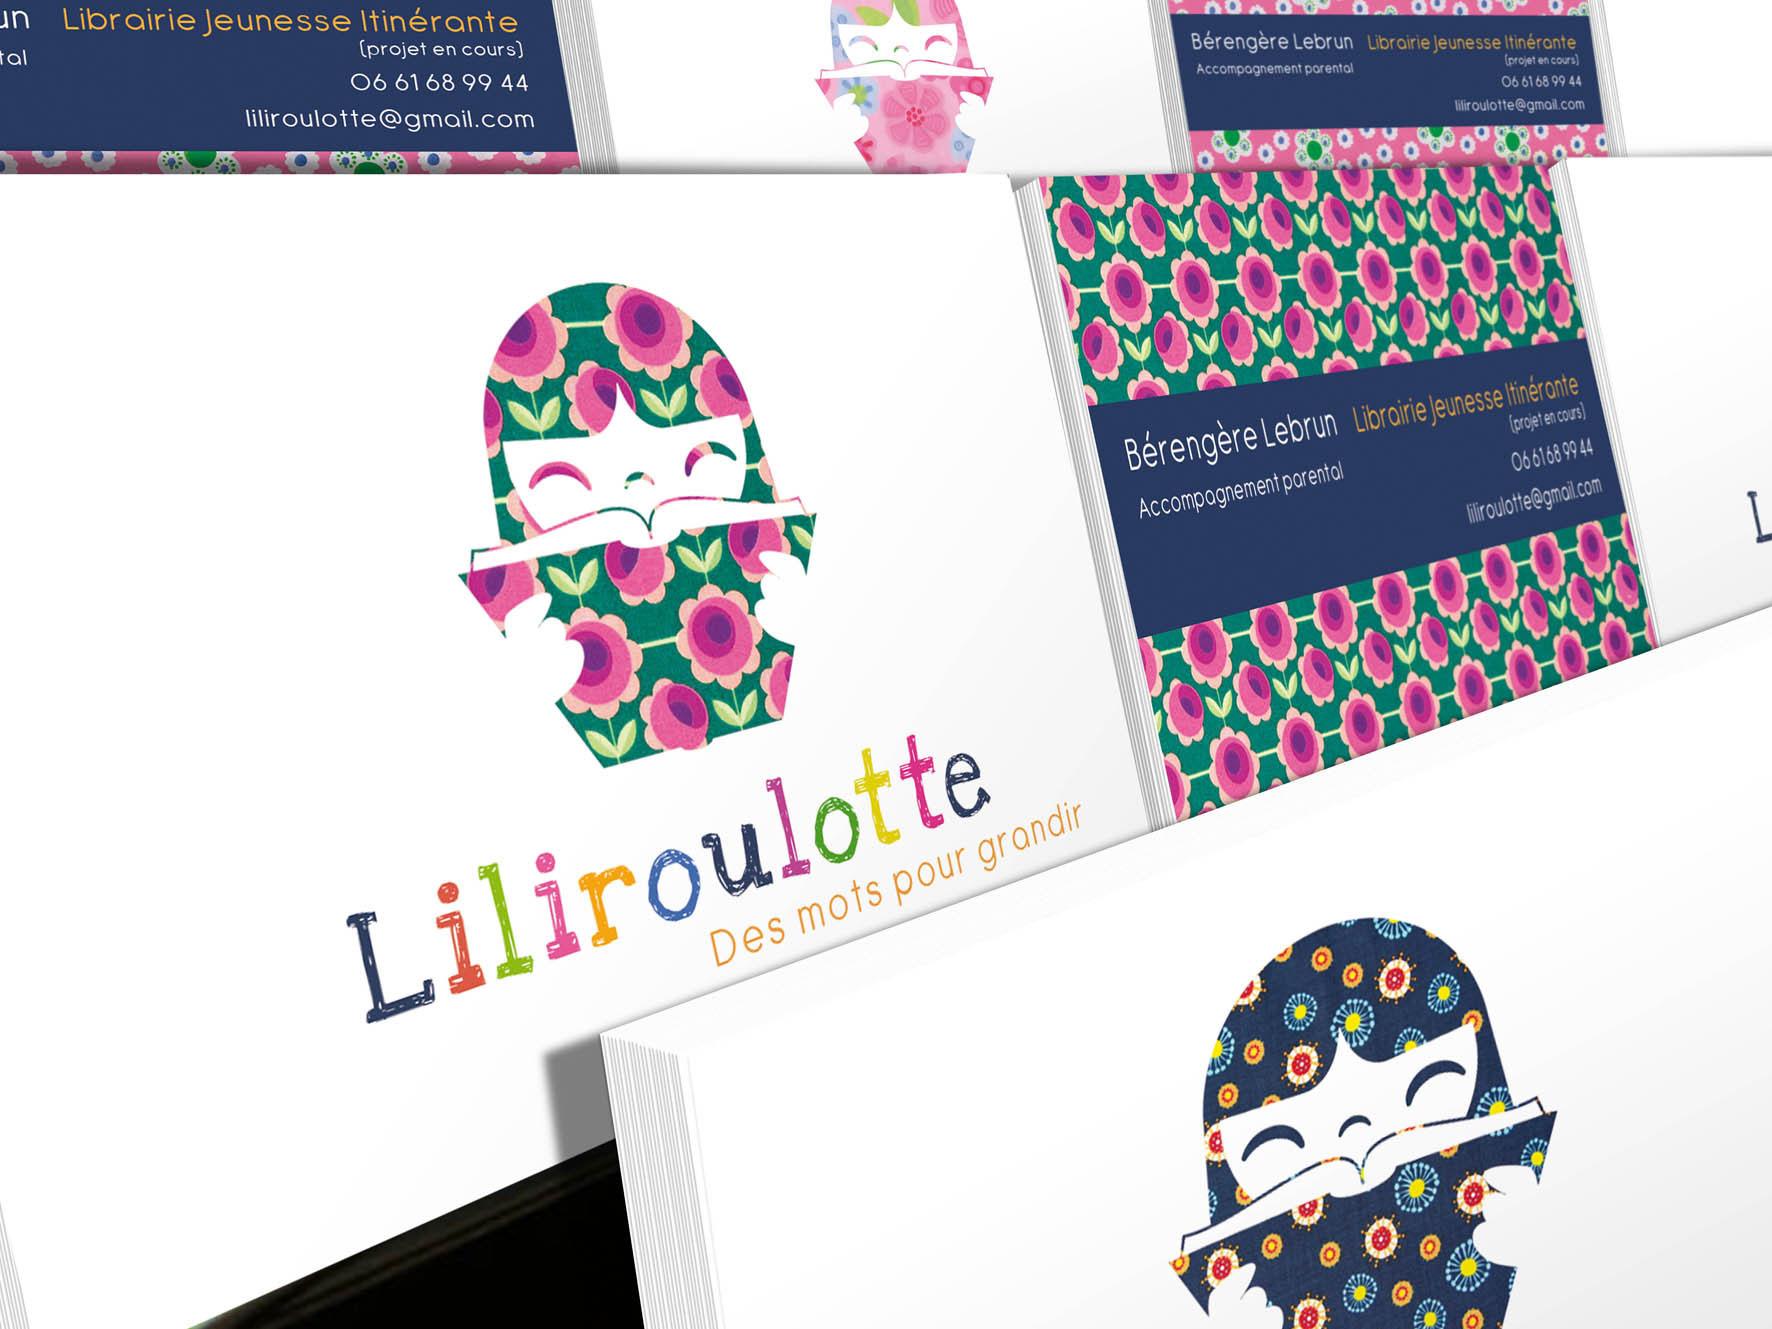 Liliroulotte